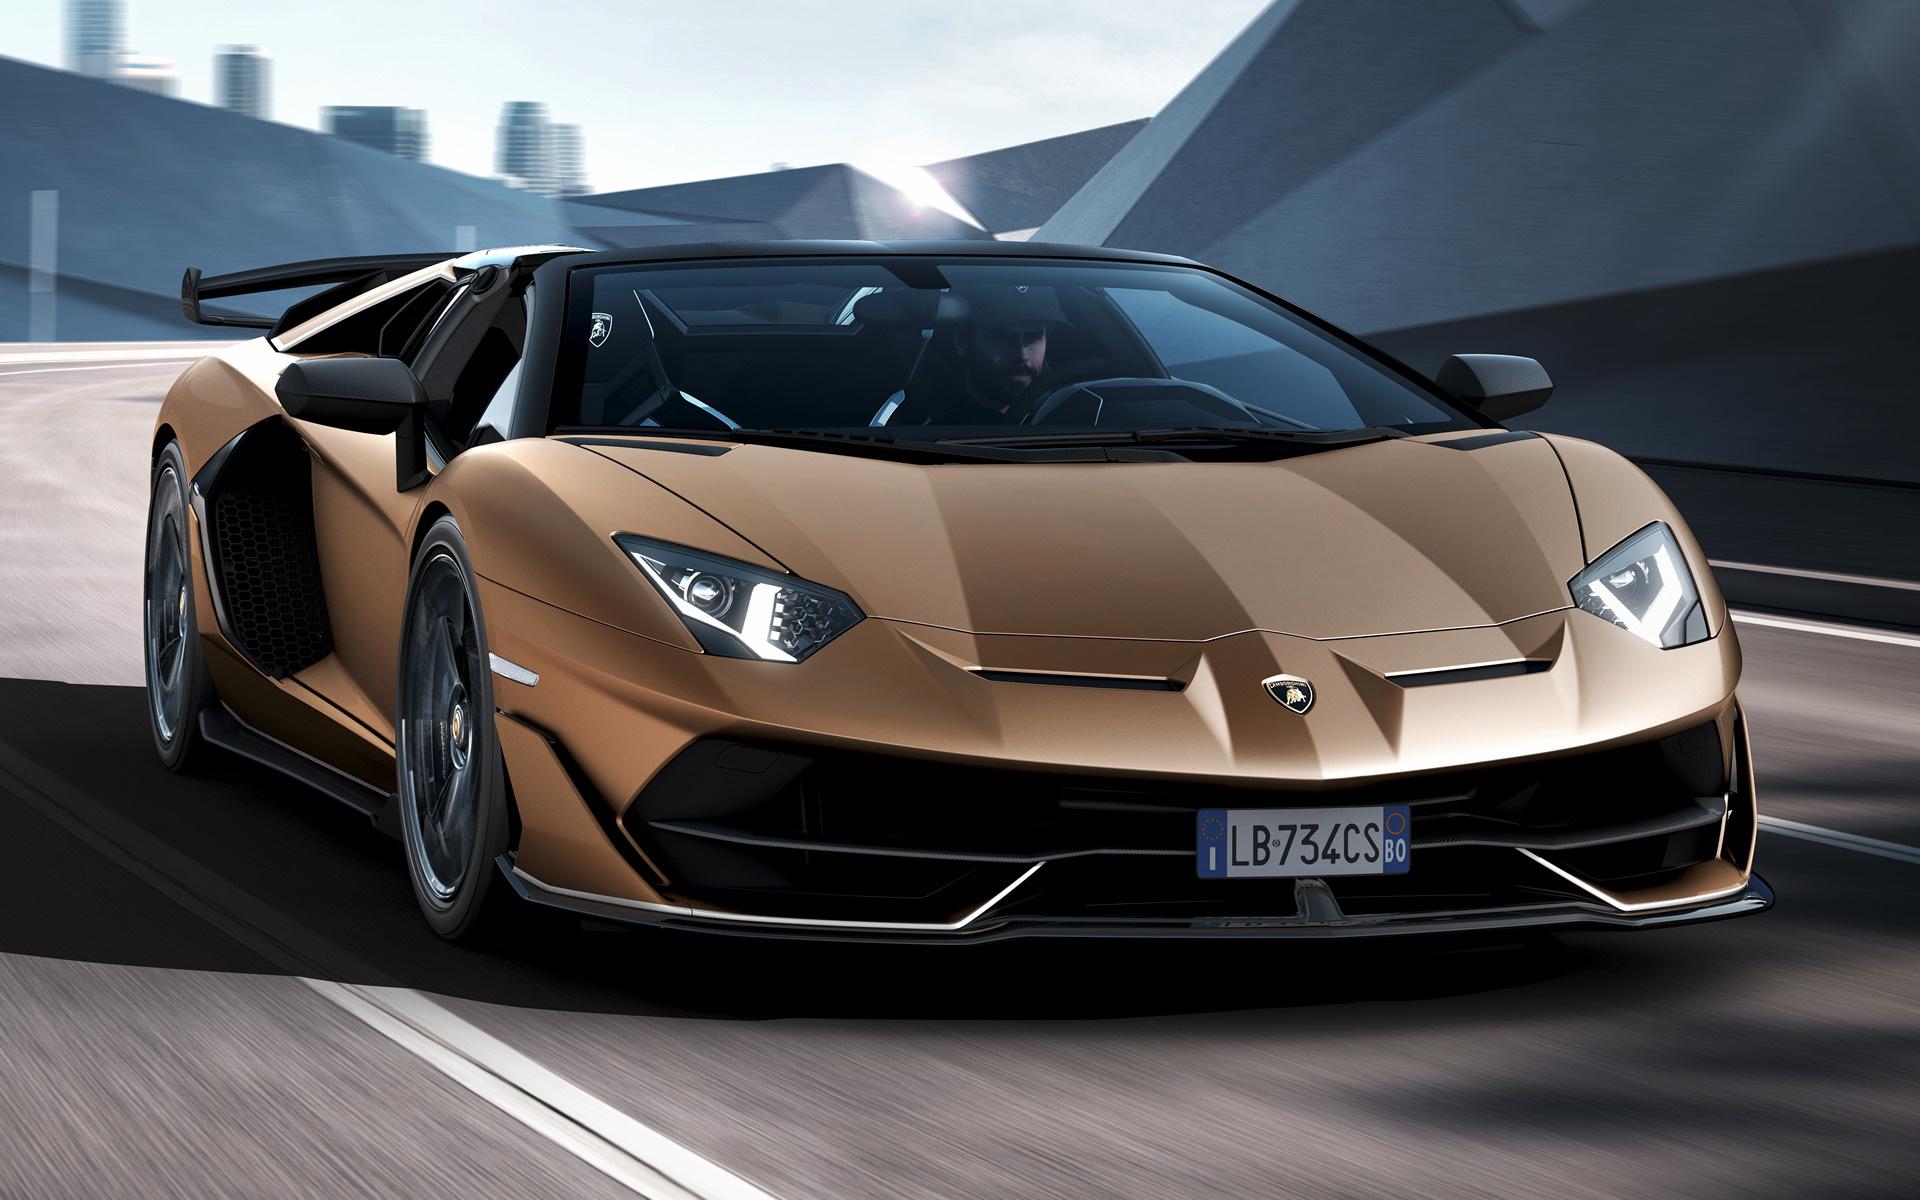 Lotus Car Hd Wallpapers 2019 Lamborghini Aventador Svj Roadster Wallpapers And